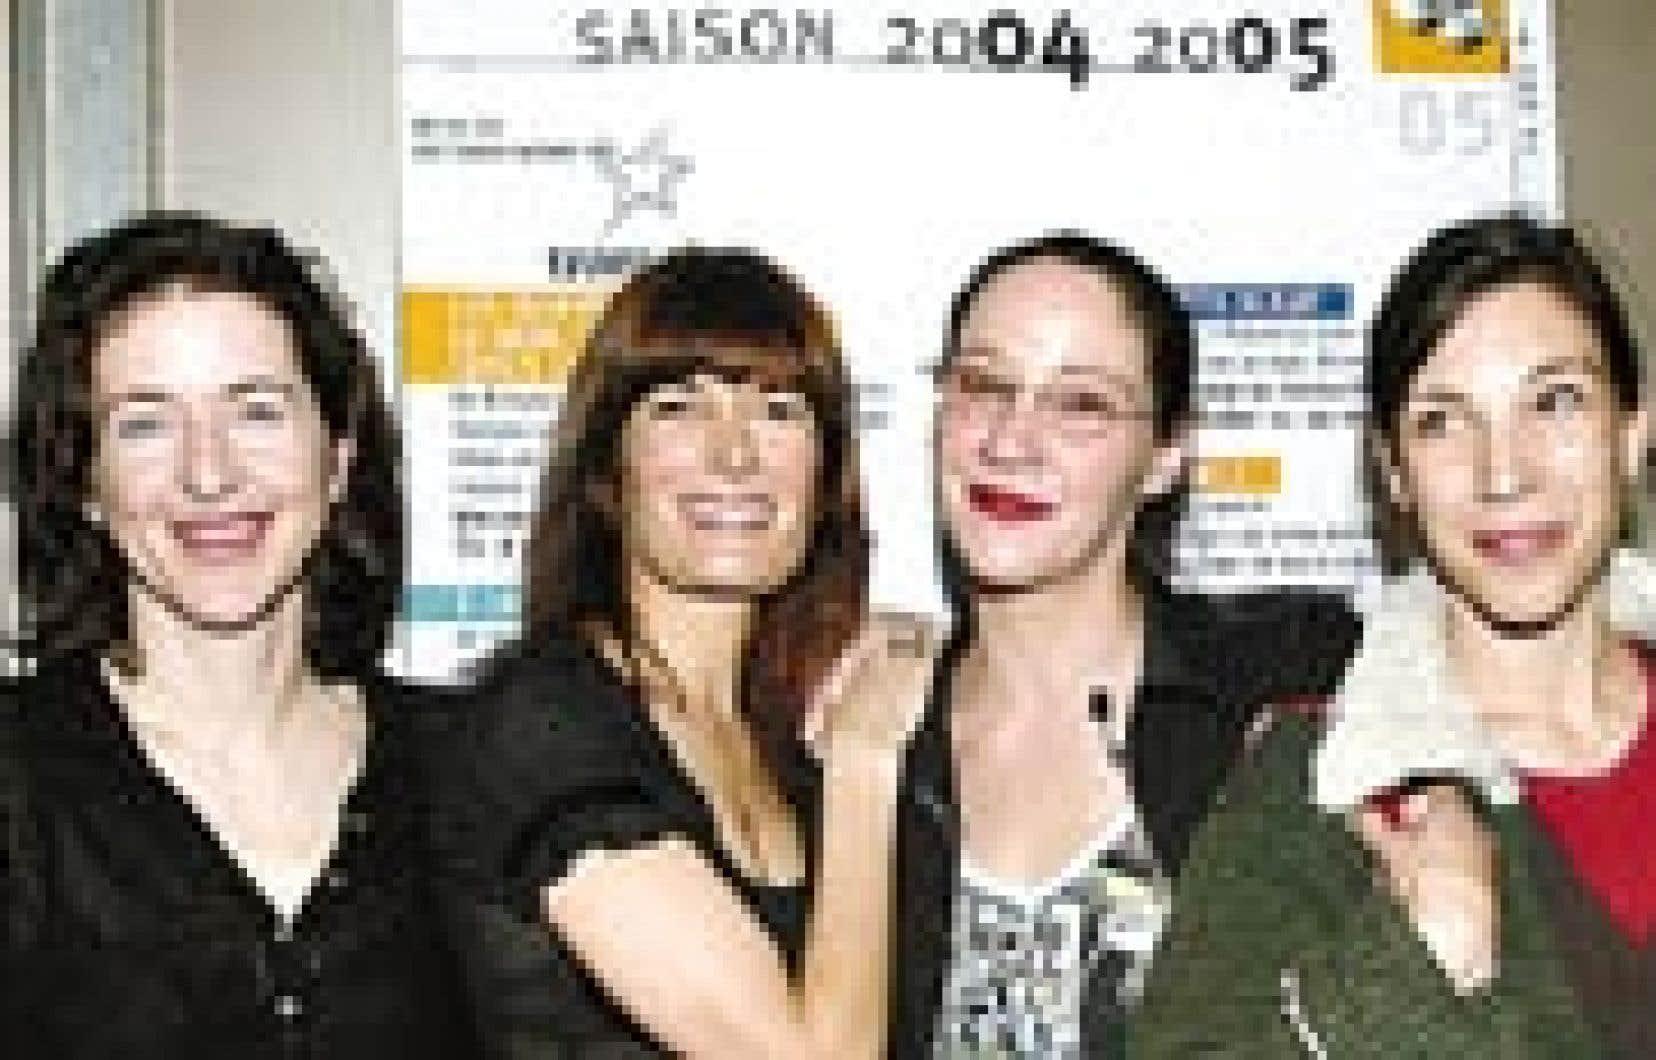 Marie-France Lambert, Anne-Marie Cadieux, Ginette Noiseux et Évelyne de La Chenelière étaient présentes hier lors du lancement de la saison 2004-05 de l'Espace Go.